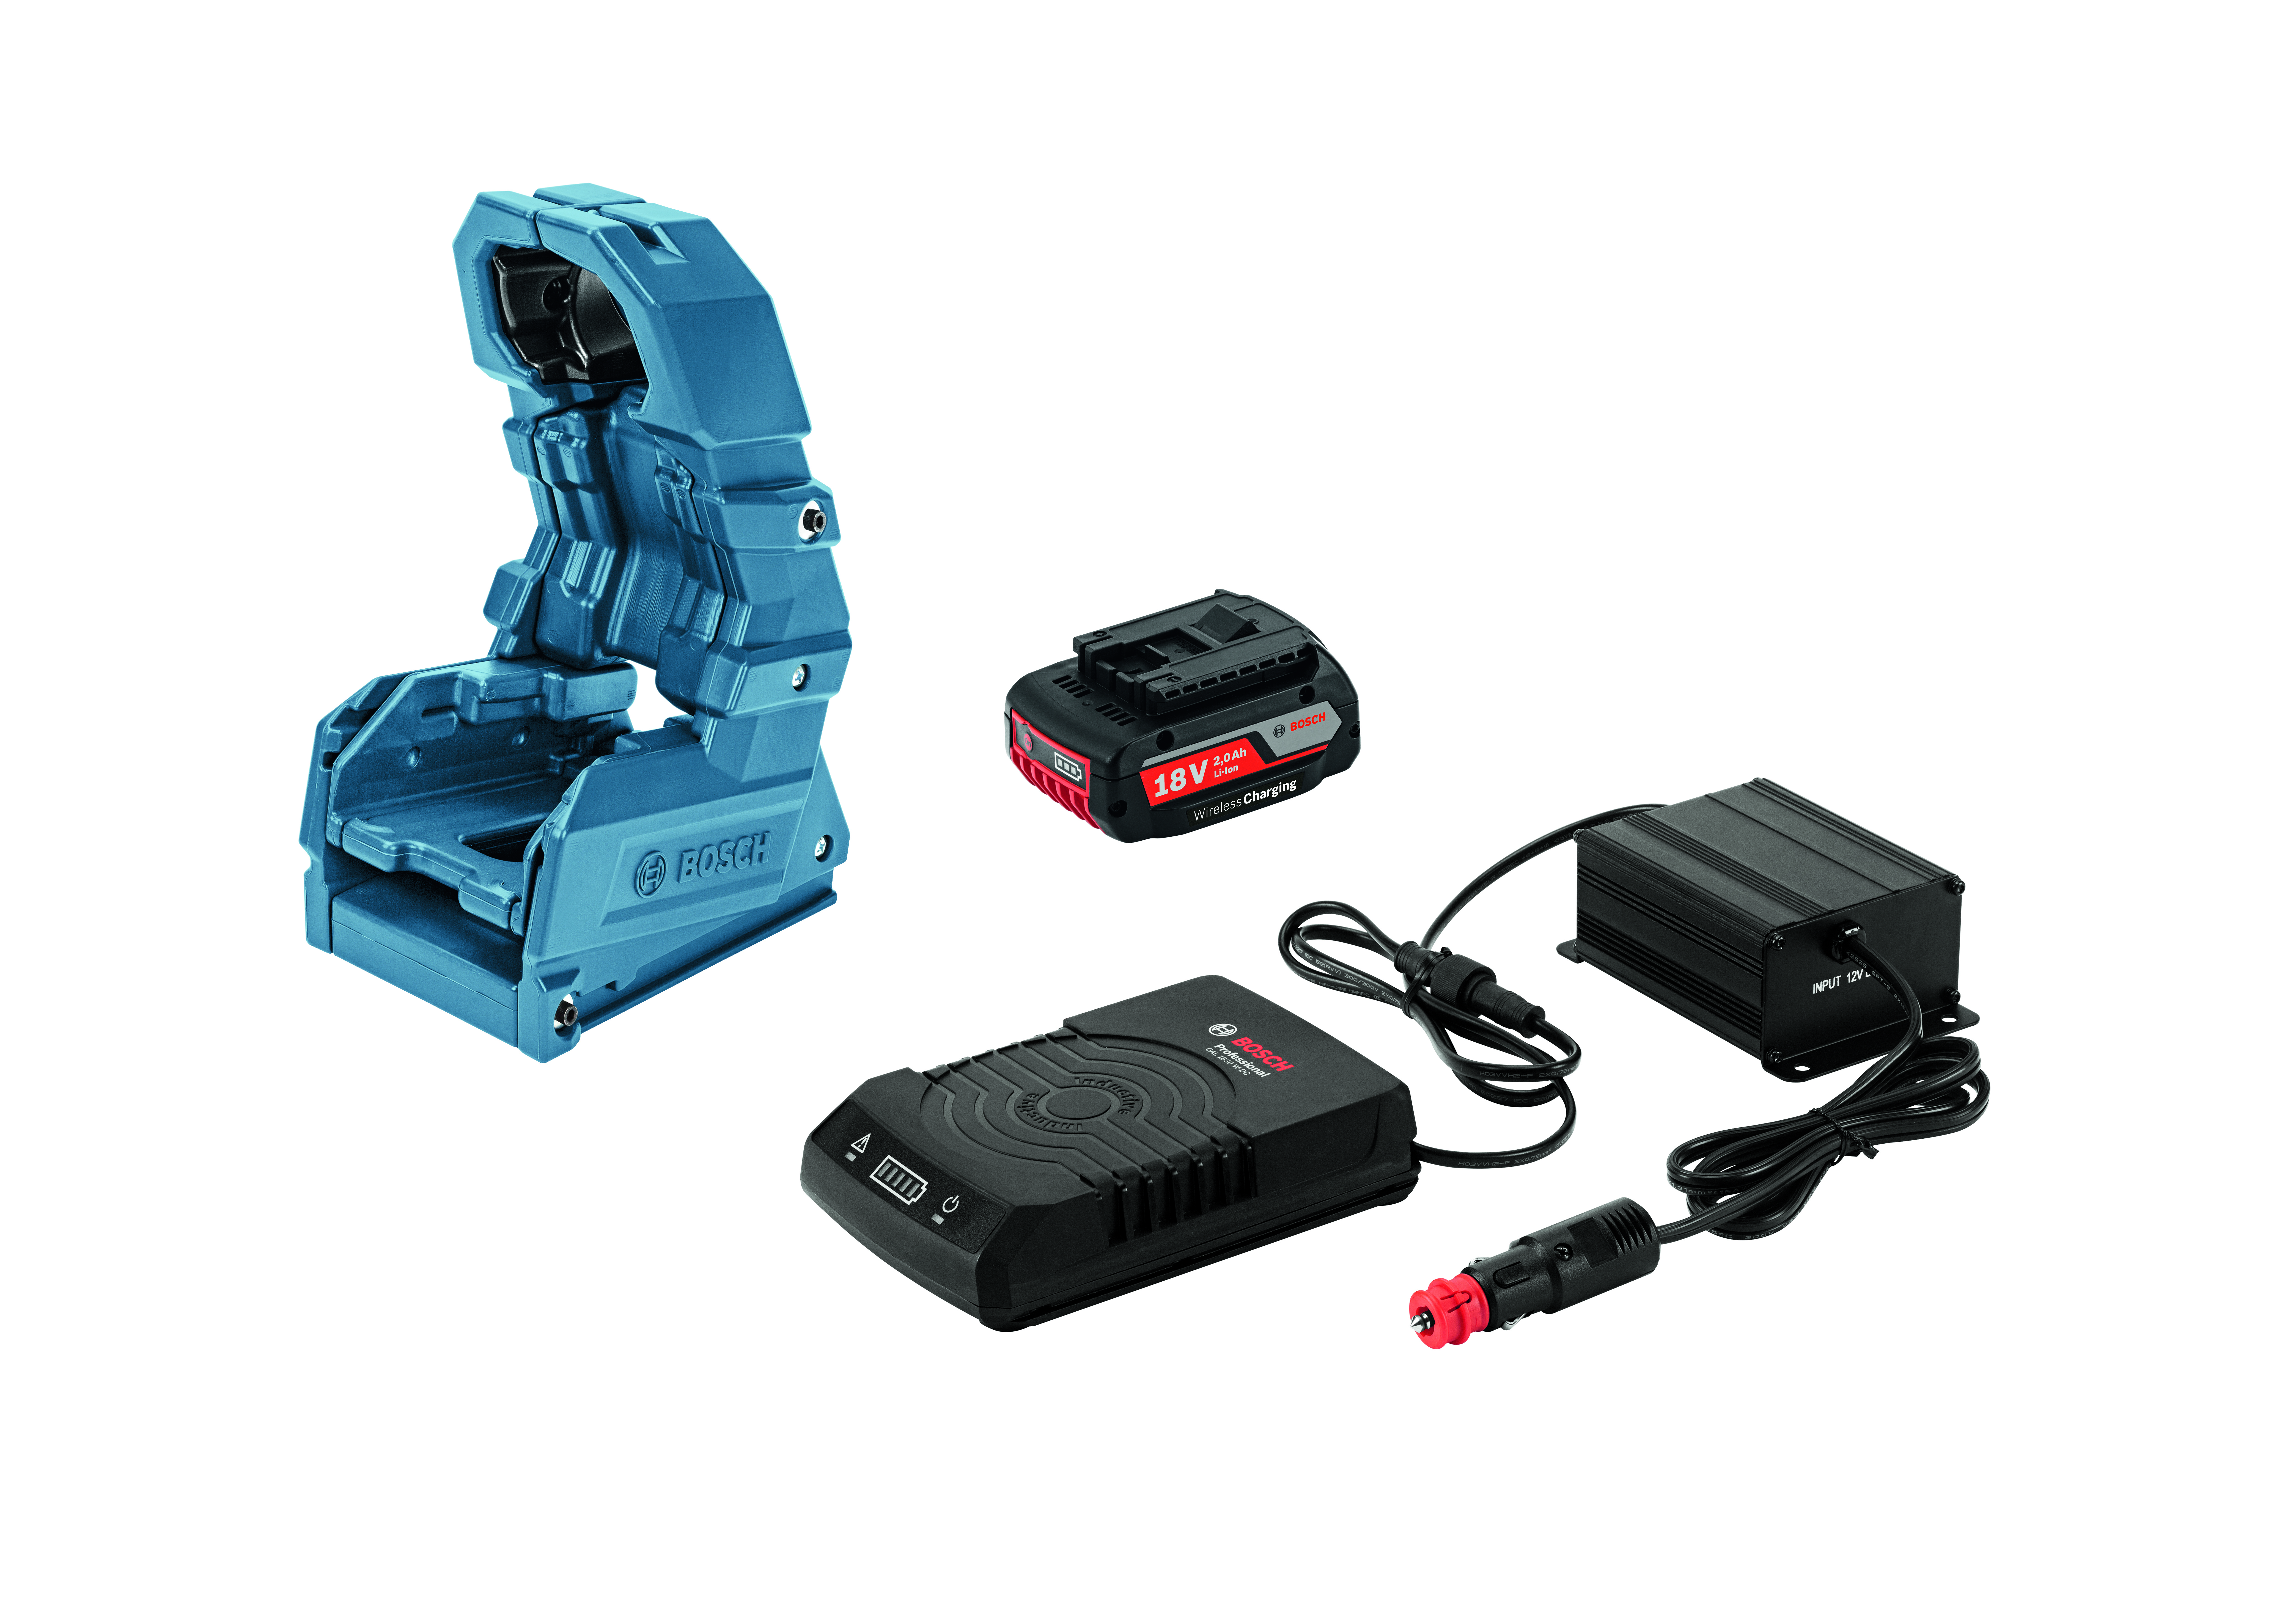 Image of   Bilsæt GBA 18 V 2,0 Ah W + GAL 1830 W-DC + Holster Wireless Charging Bilsæt Wireless Charging akku GBA 18 V 2,0 Ah W + lader GAL 1830 W-DC + Holster Professional